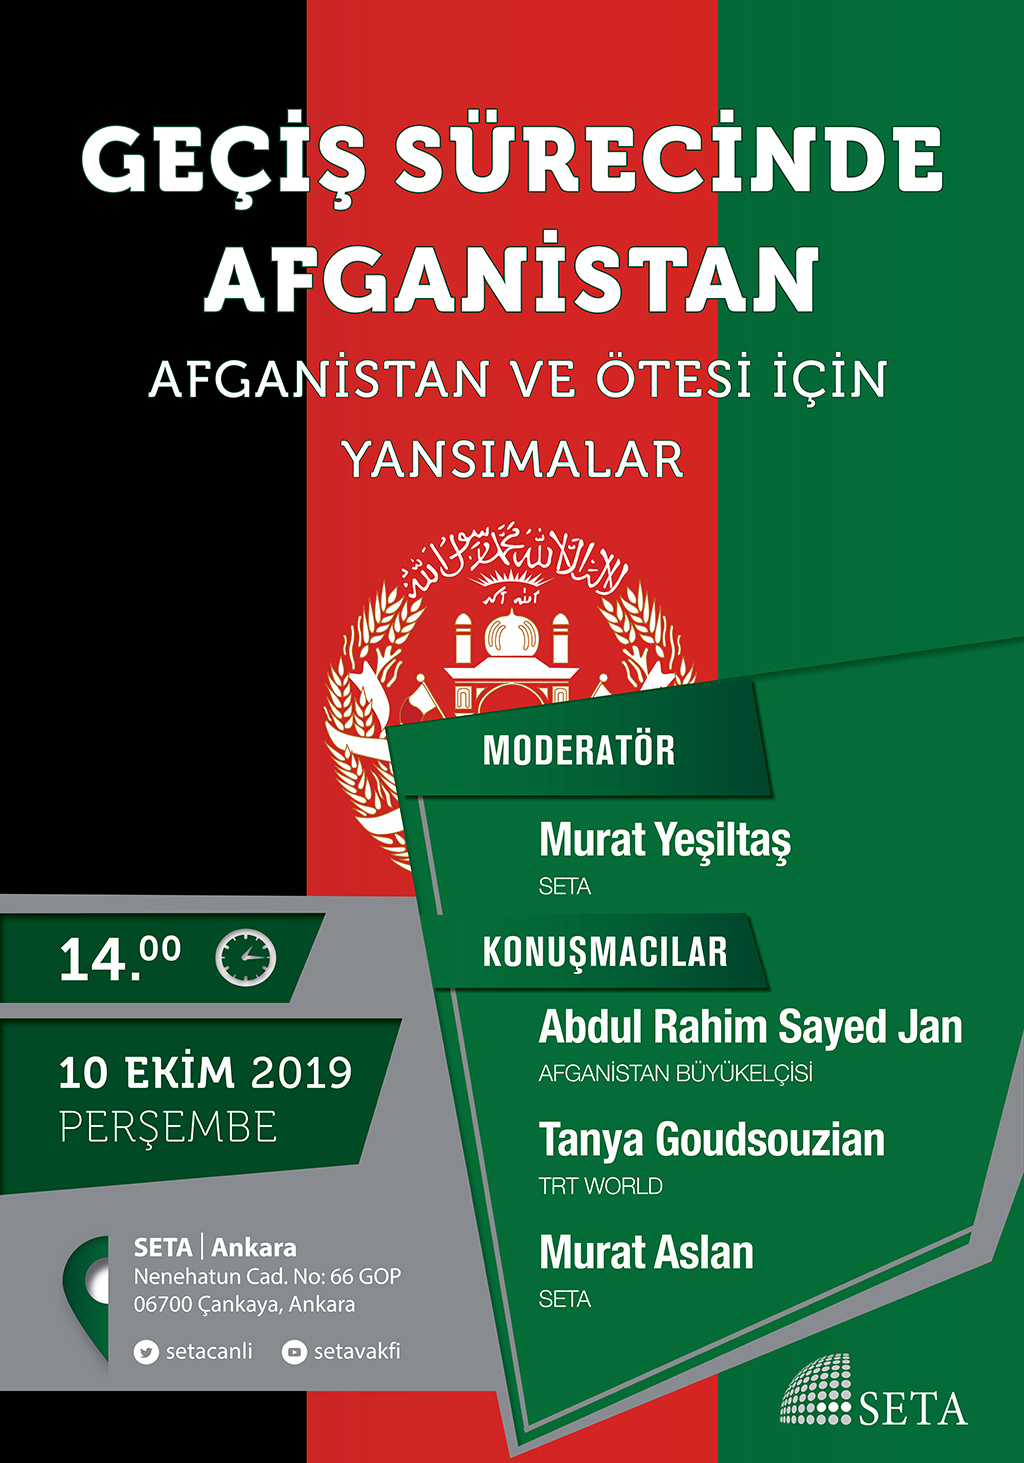 Panel: Geçiş Sürecinde Afganistan | Afganistan ve Ötesi için Yansımalar